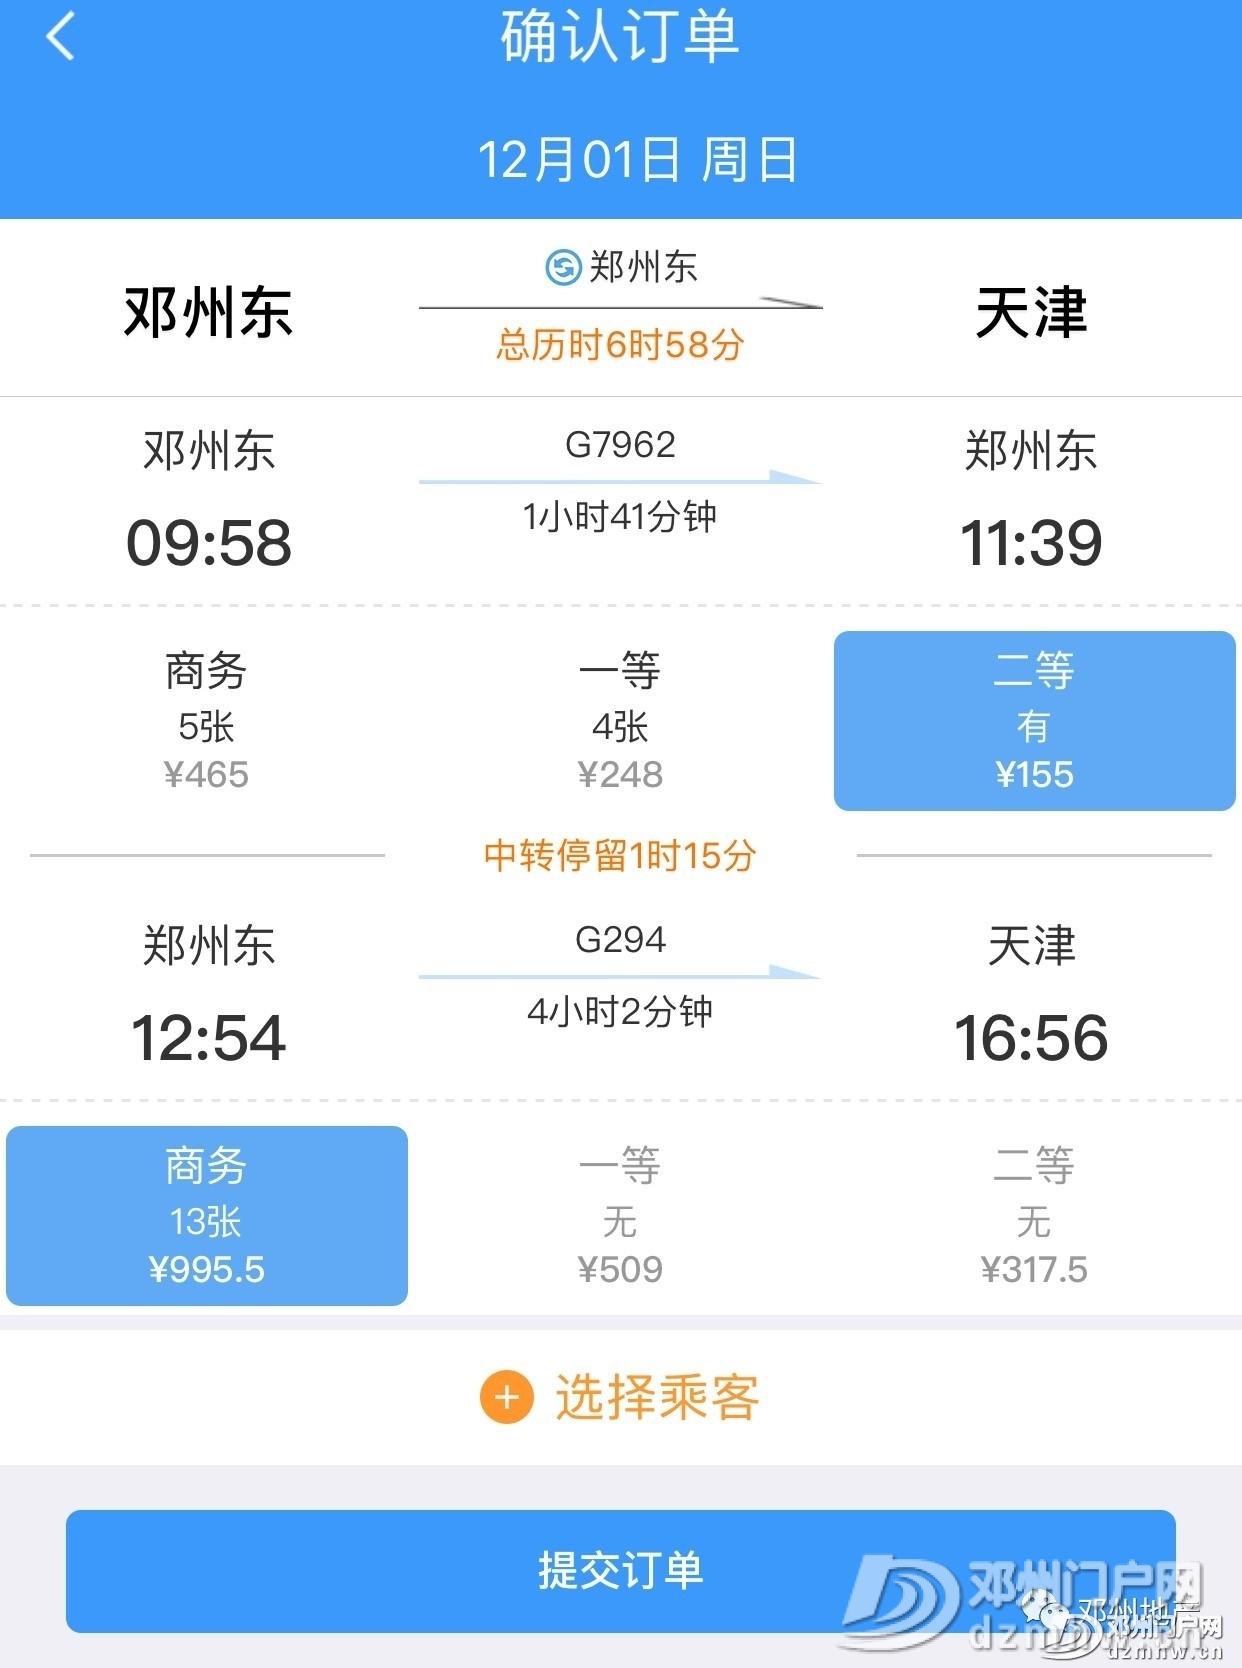 邓州高铁通往北上广深杭津成等城市票价和时刻表来了 - 邓州门户网 邓州网 - f58369194cf7ff6821a9b28ca236aaa9.jpg